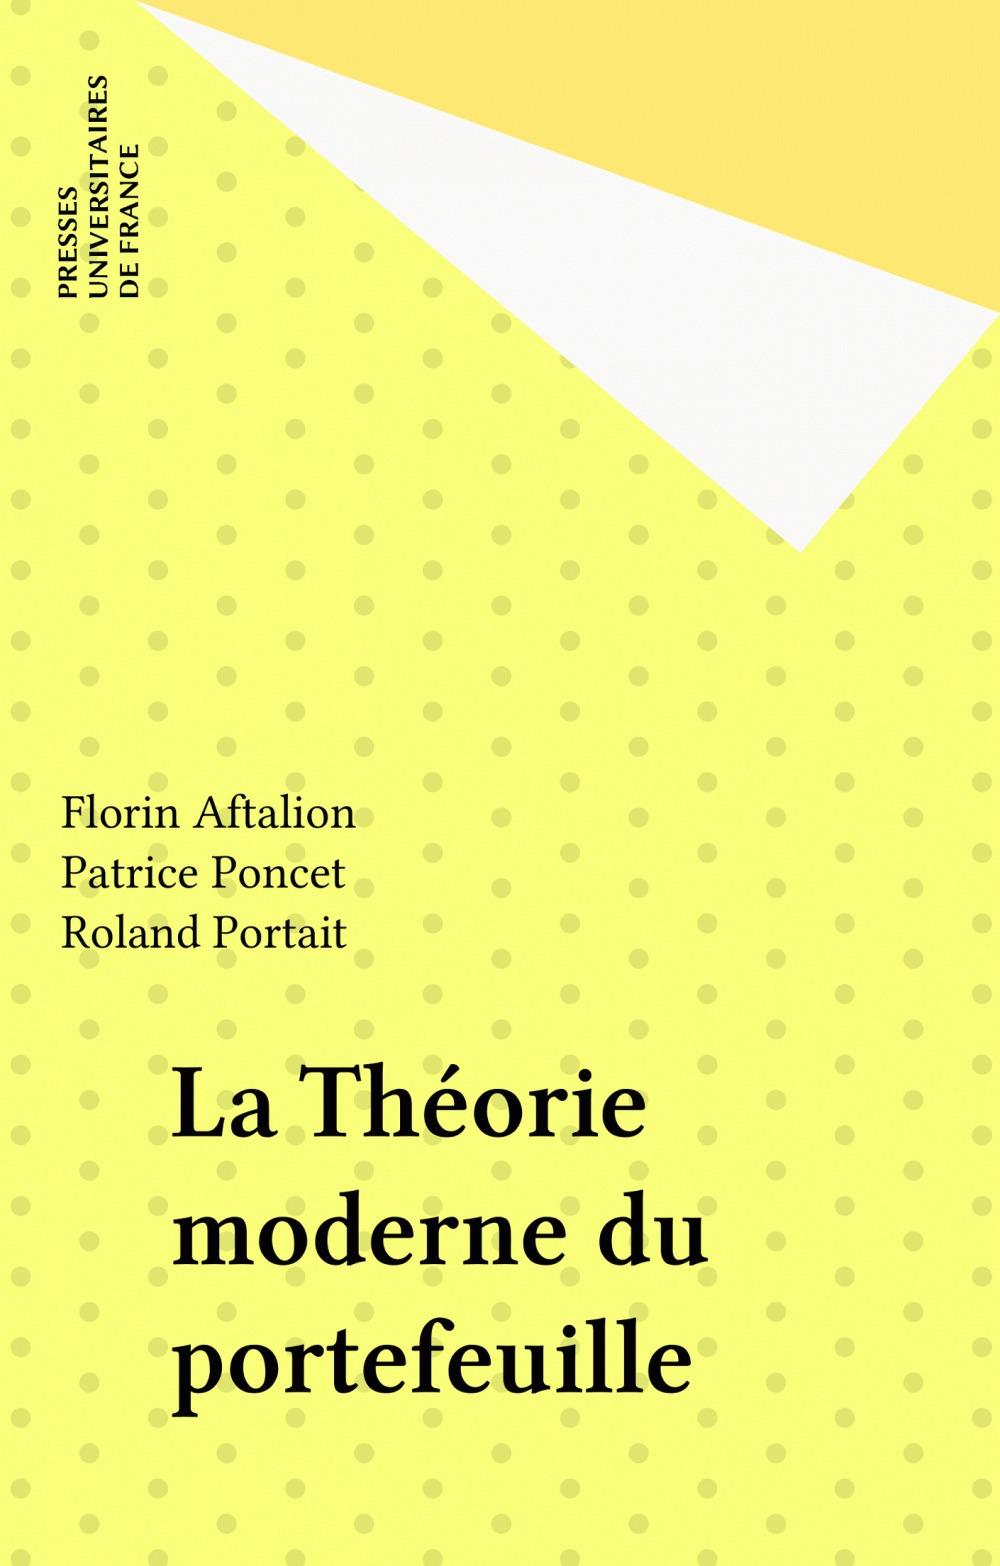 La théorie moderne du portefeuille